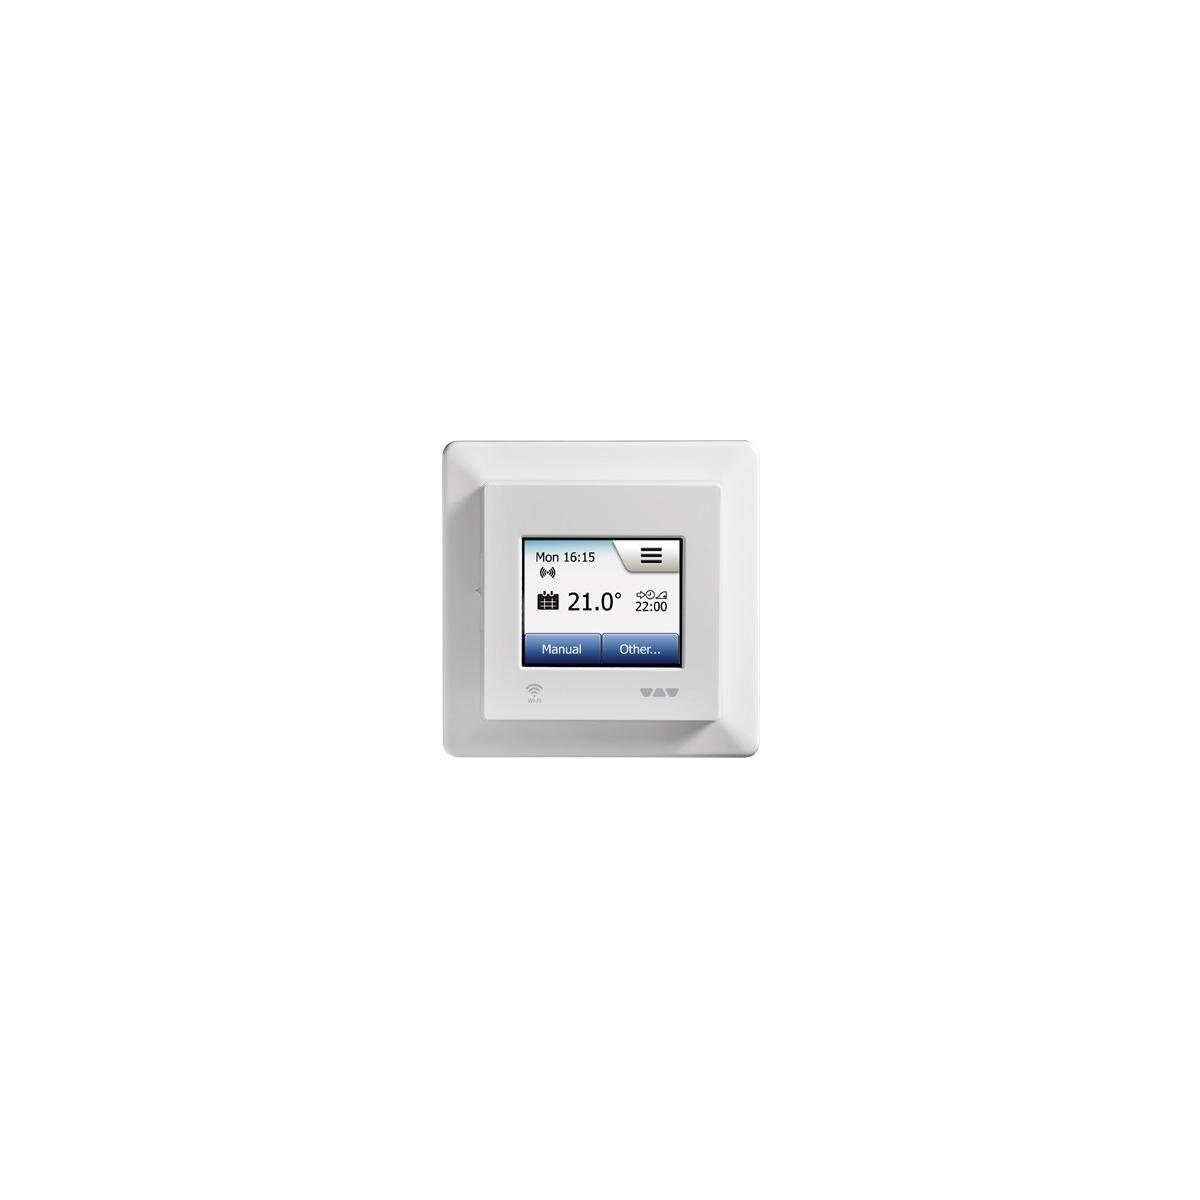 Suelo radiante mediante electricidad y termostato digital regulable y programable y wifi